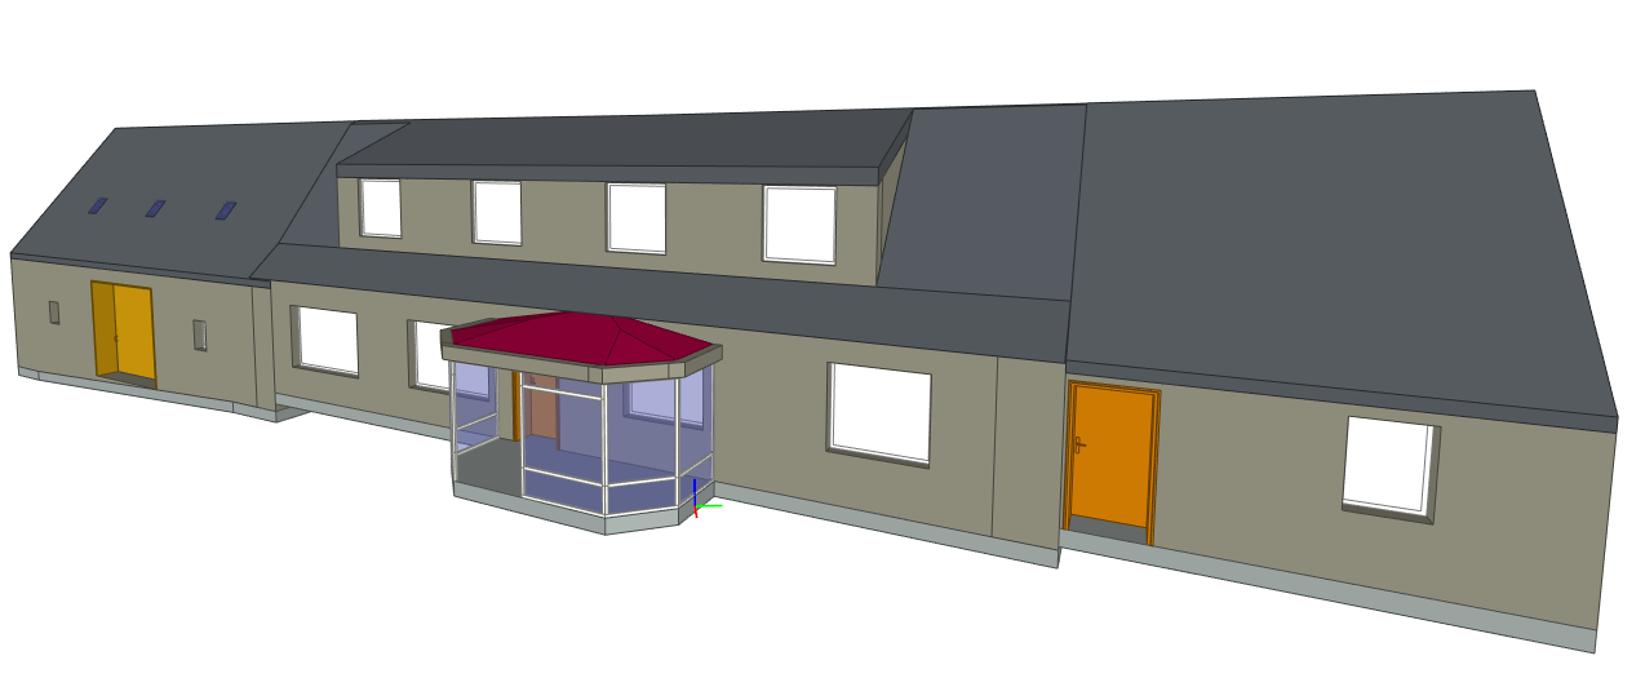 Maquette 3D d'une maison ancienne avant rénovation compléte- Lannion (22) 0